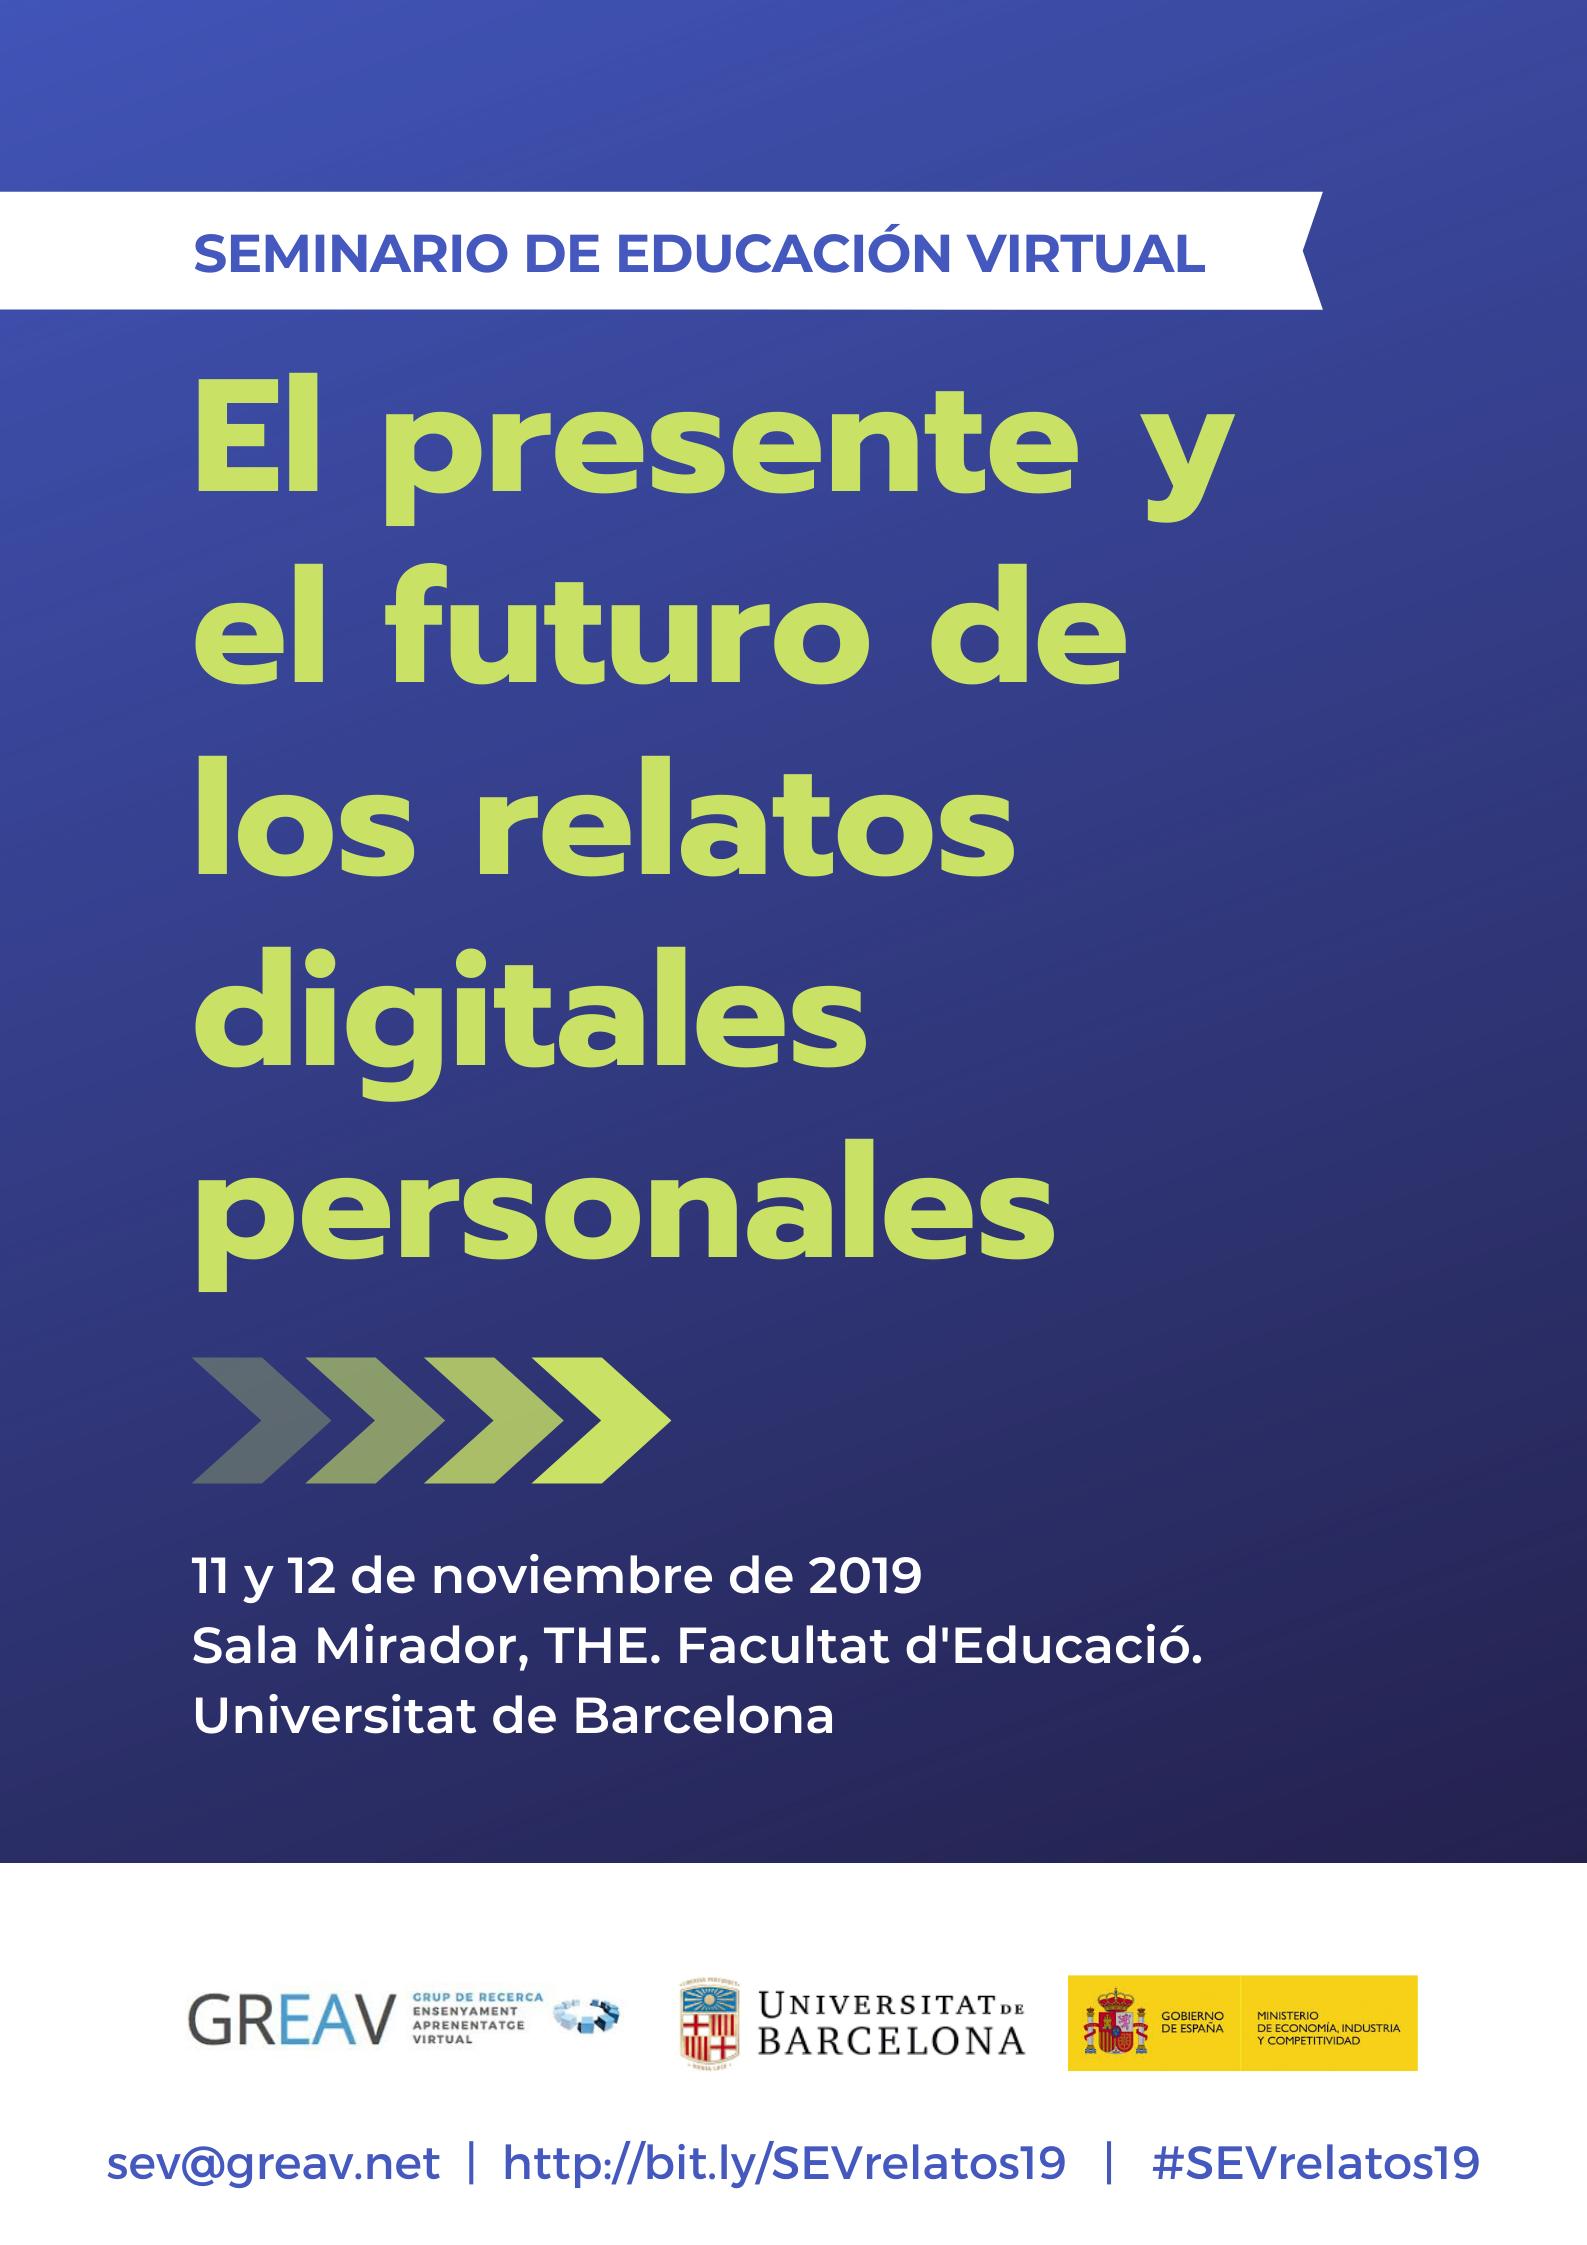 EL PRESENTE Y EL FUTURO DE LOS RELATOS DIGITALES PERSONALES